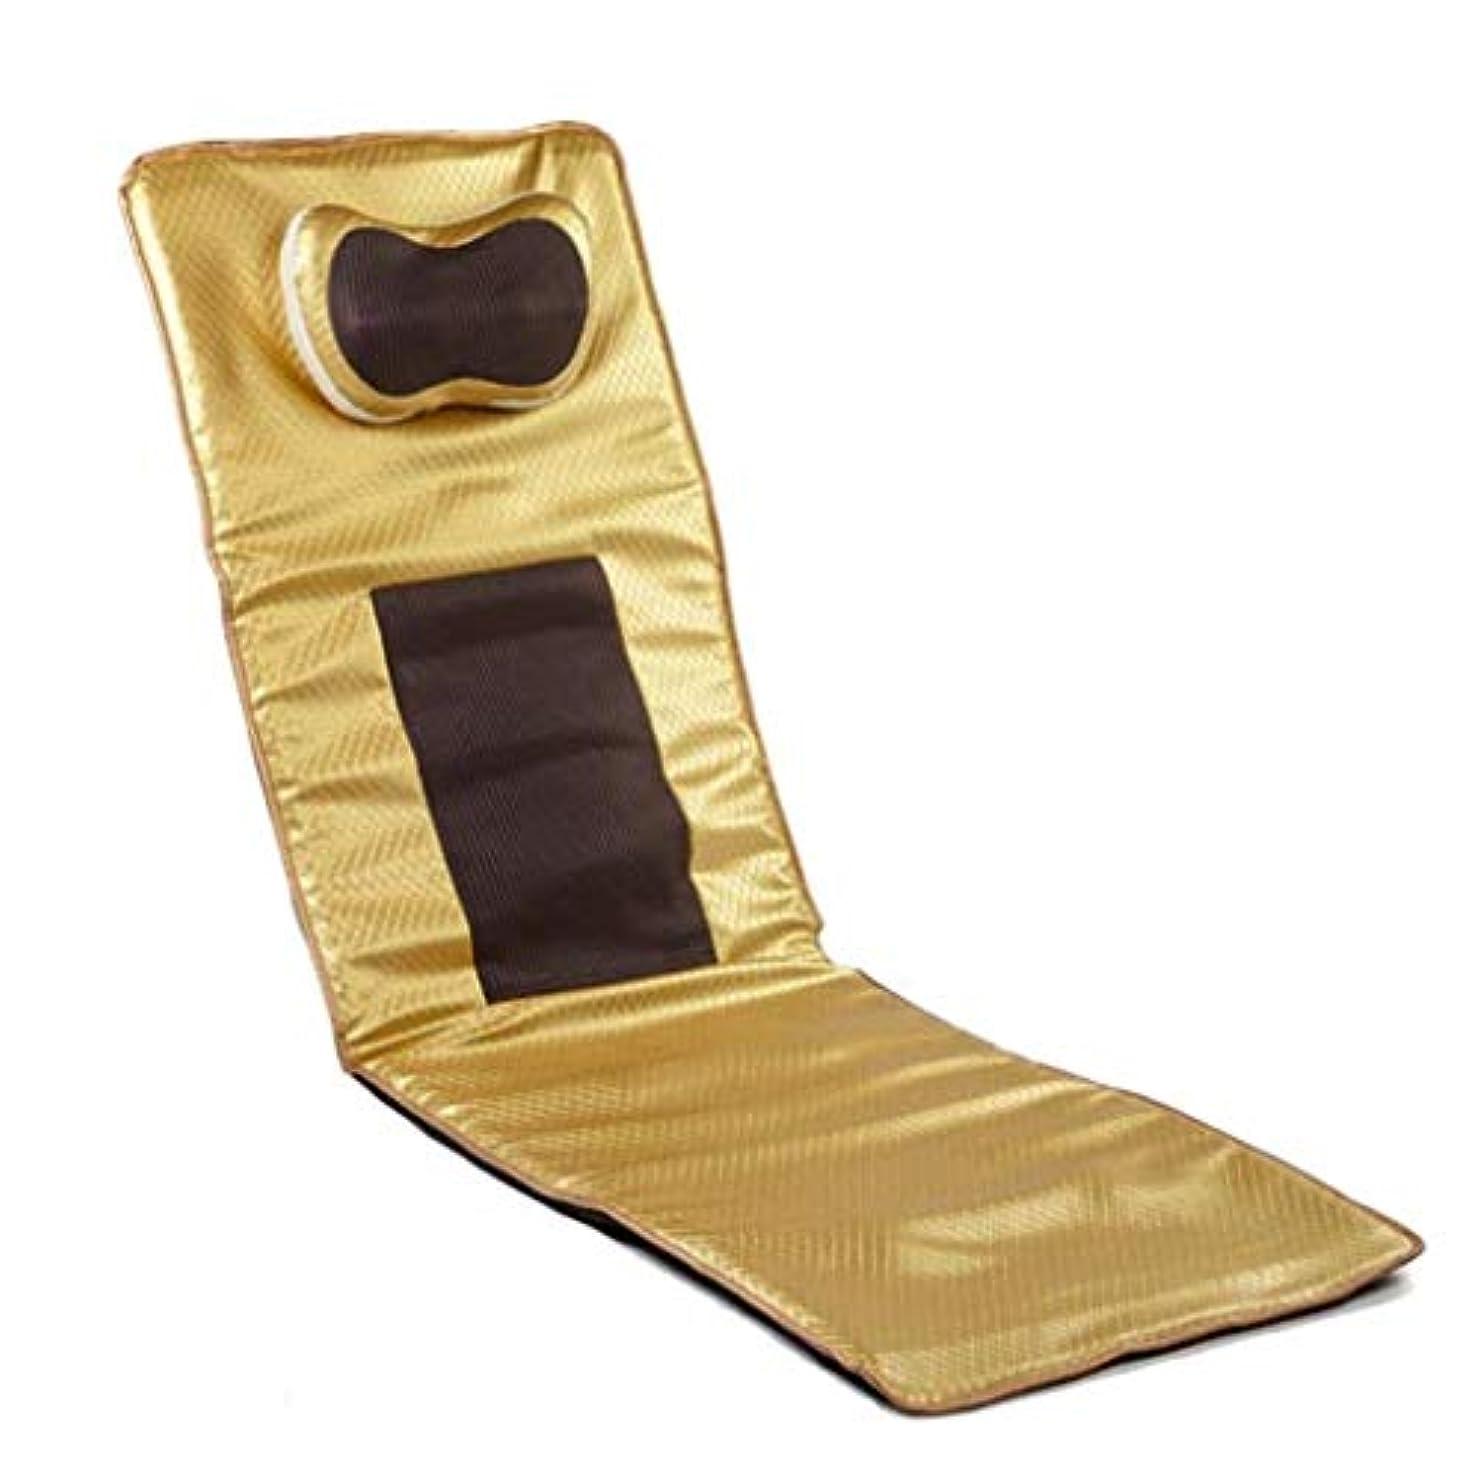 電気マッサージクッション、全身加熱マッサージクッション、マッサージ枕付き、折り畳み式の多機能電気マッサージマットレス、痛み/圧力を和らげる